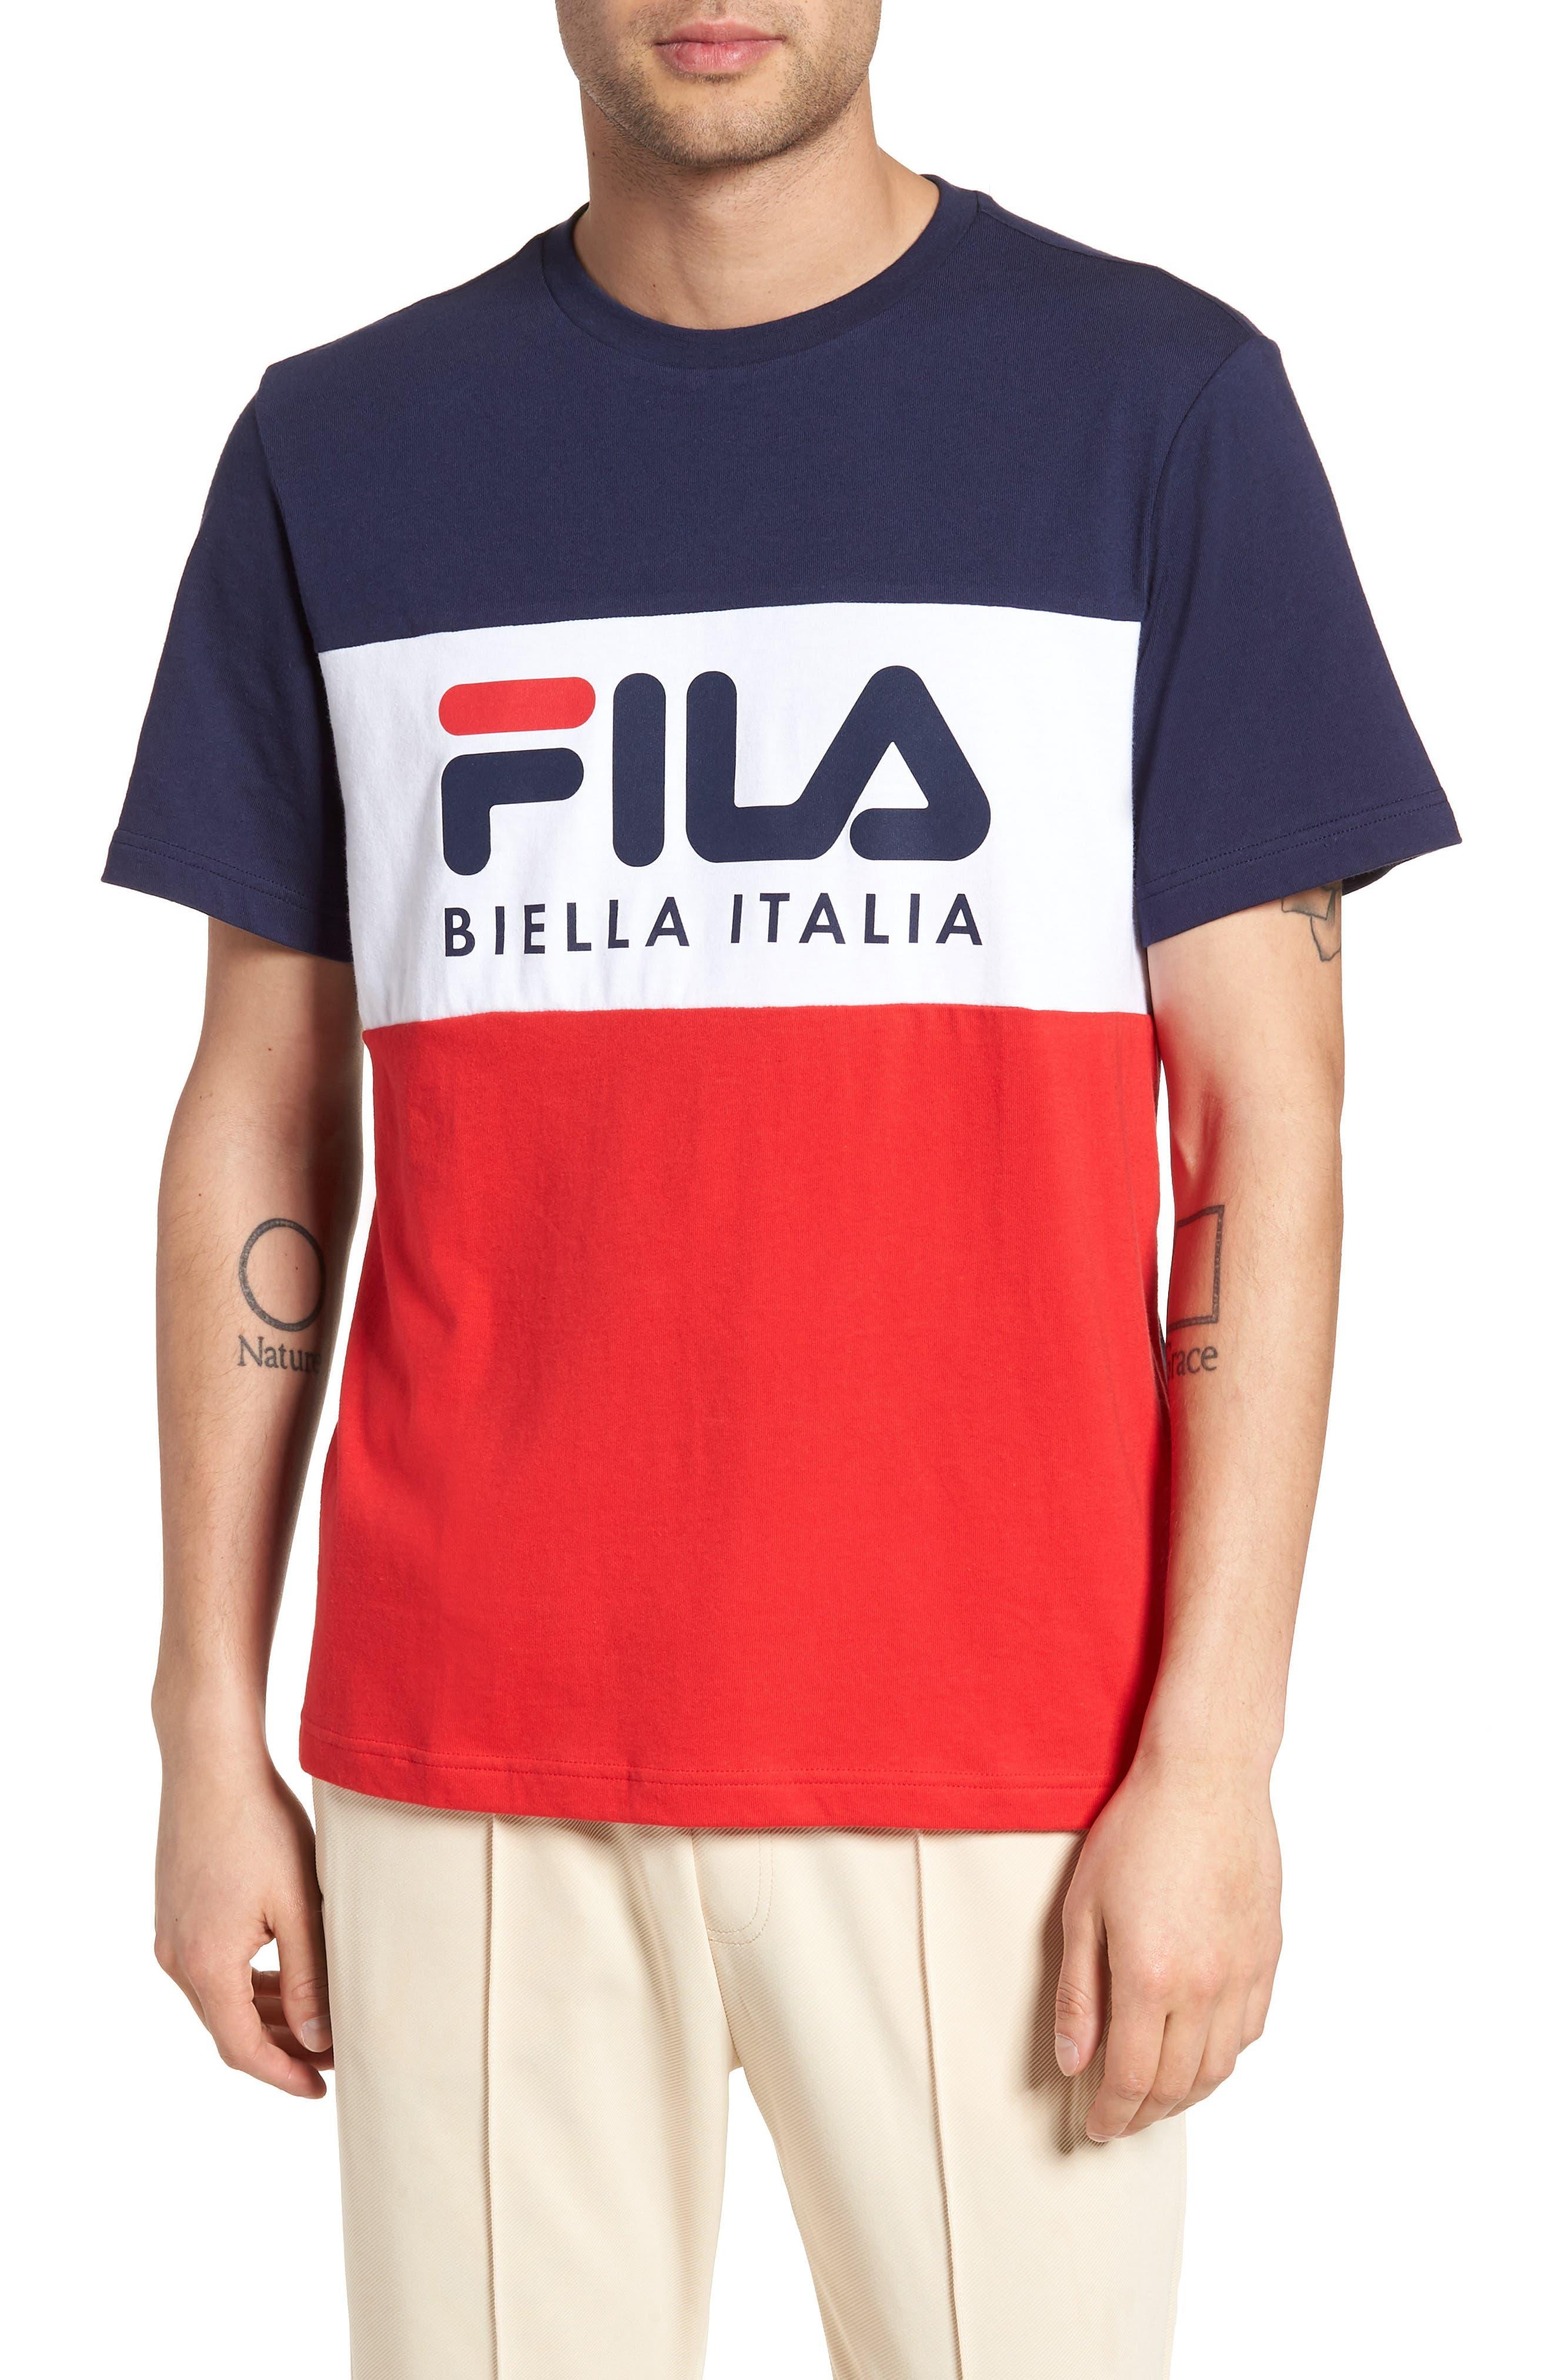 FILA Biella Italia T-Shirt